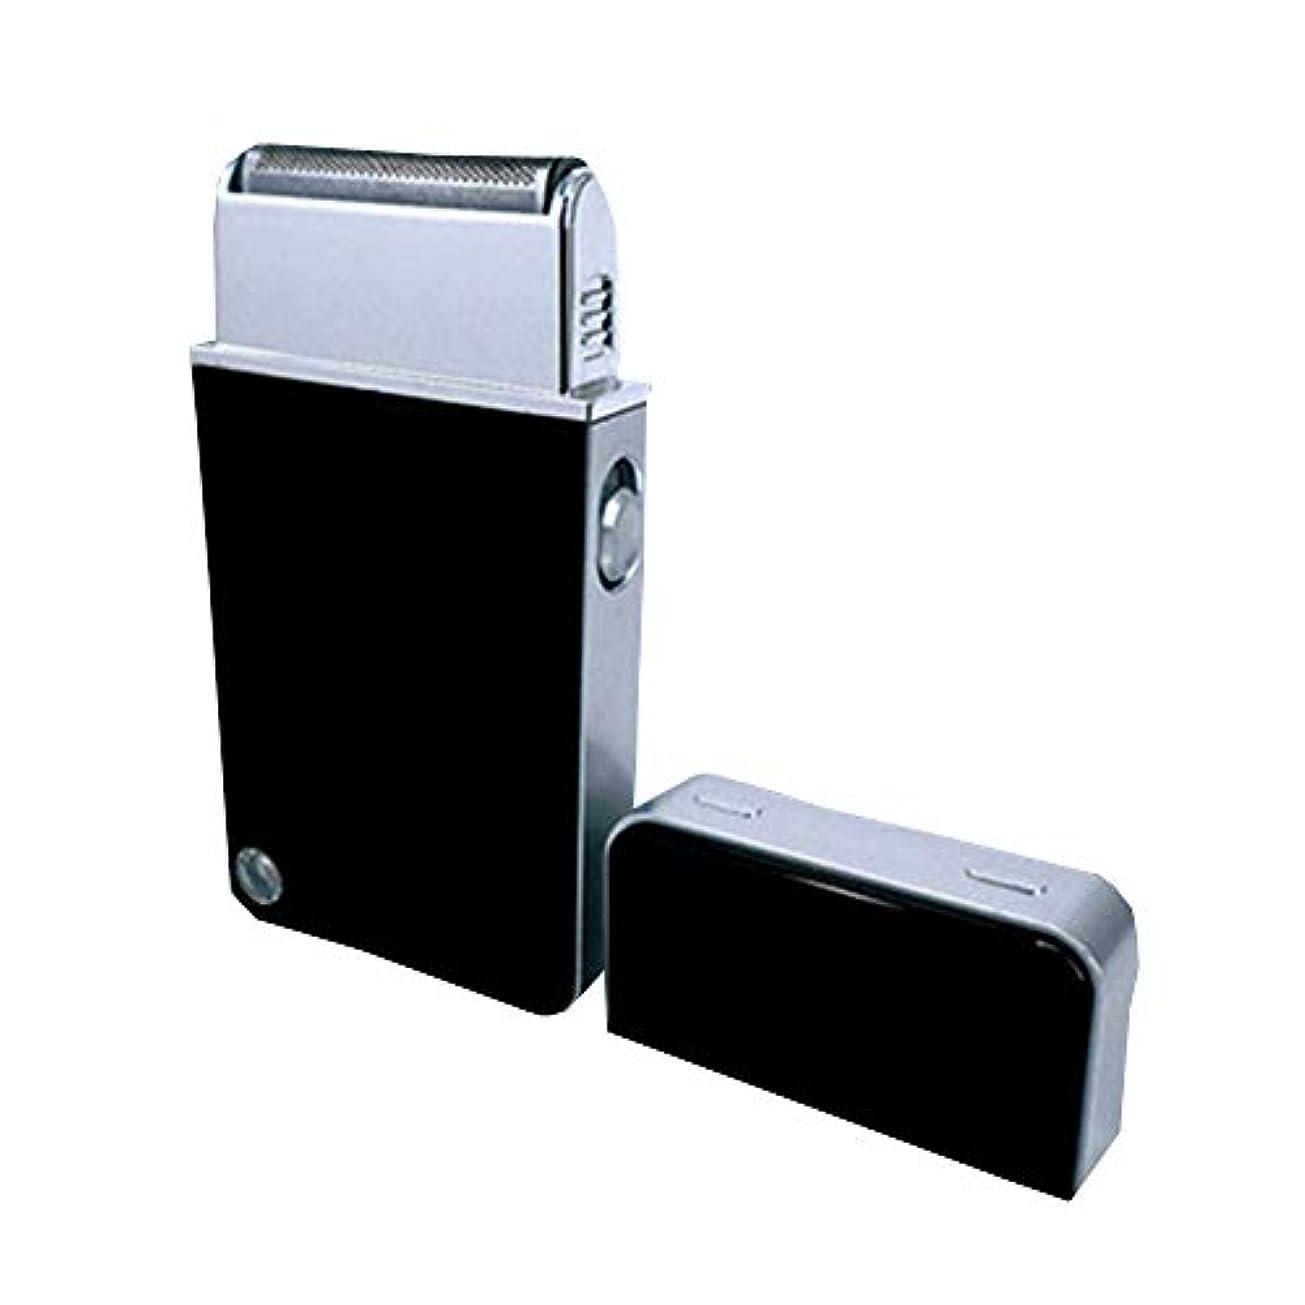 剣アクセサリータップシェーバー メンズ 髭剃り USB充電式 電気シェーバー 男性 電動 旅行用 ひげ剃り ひげそり コンパクト